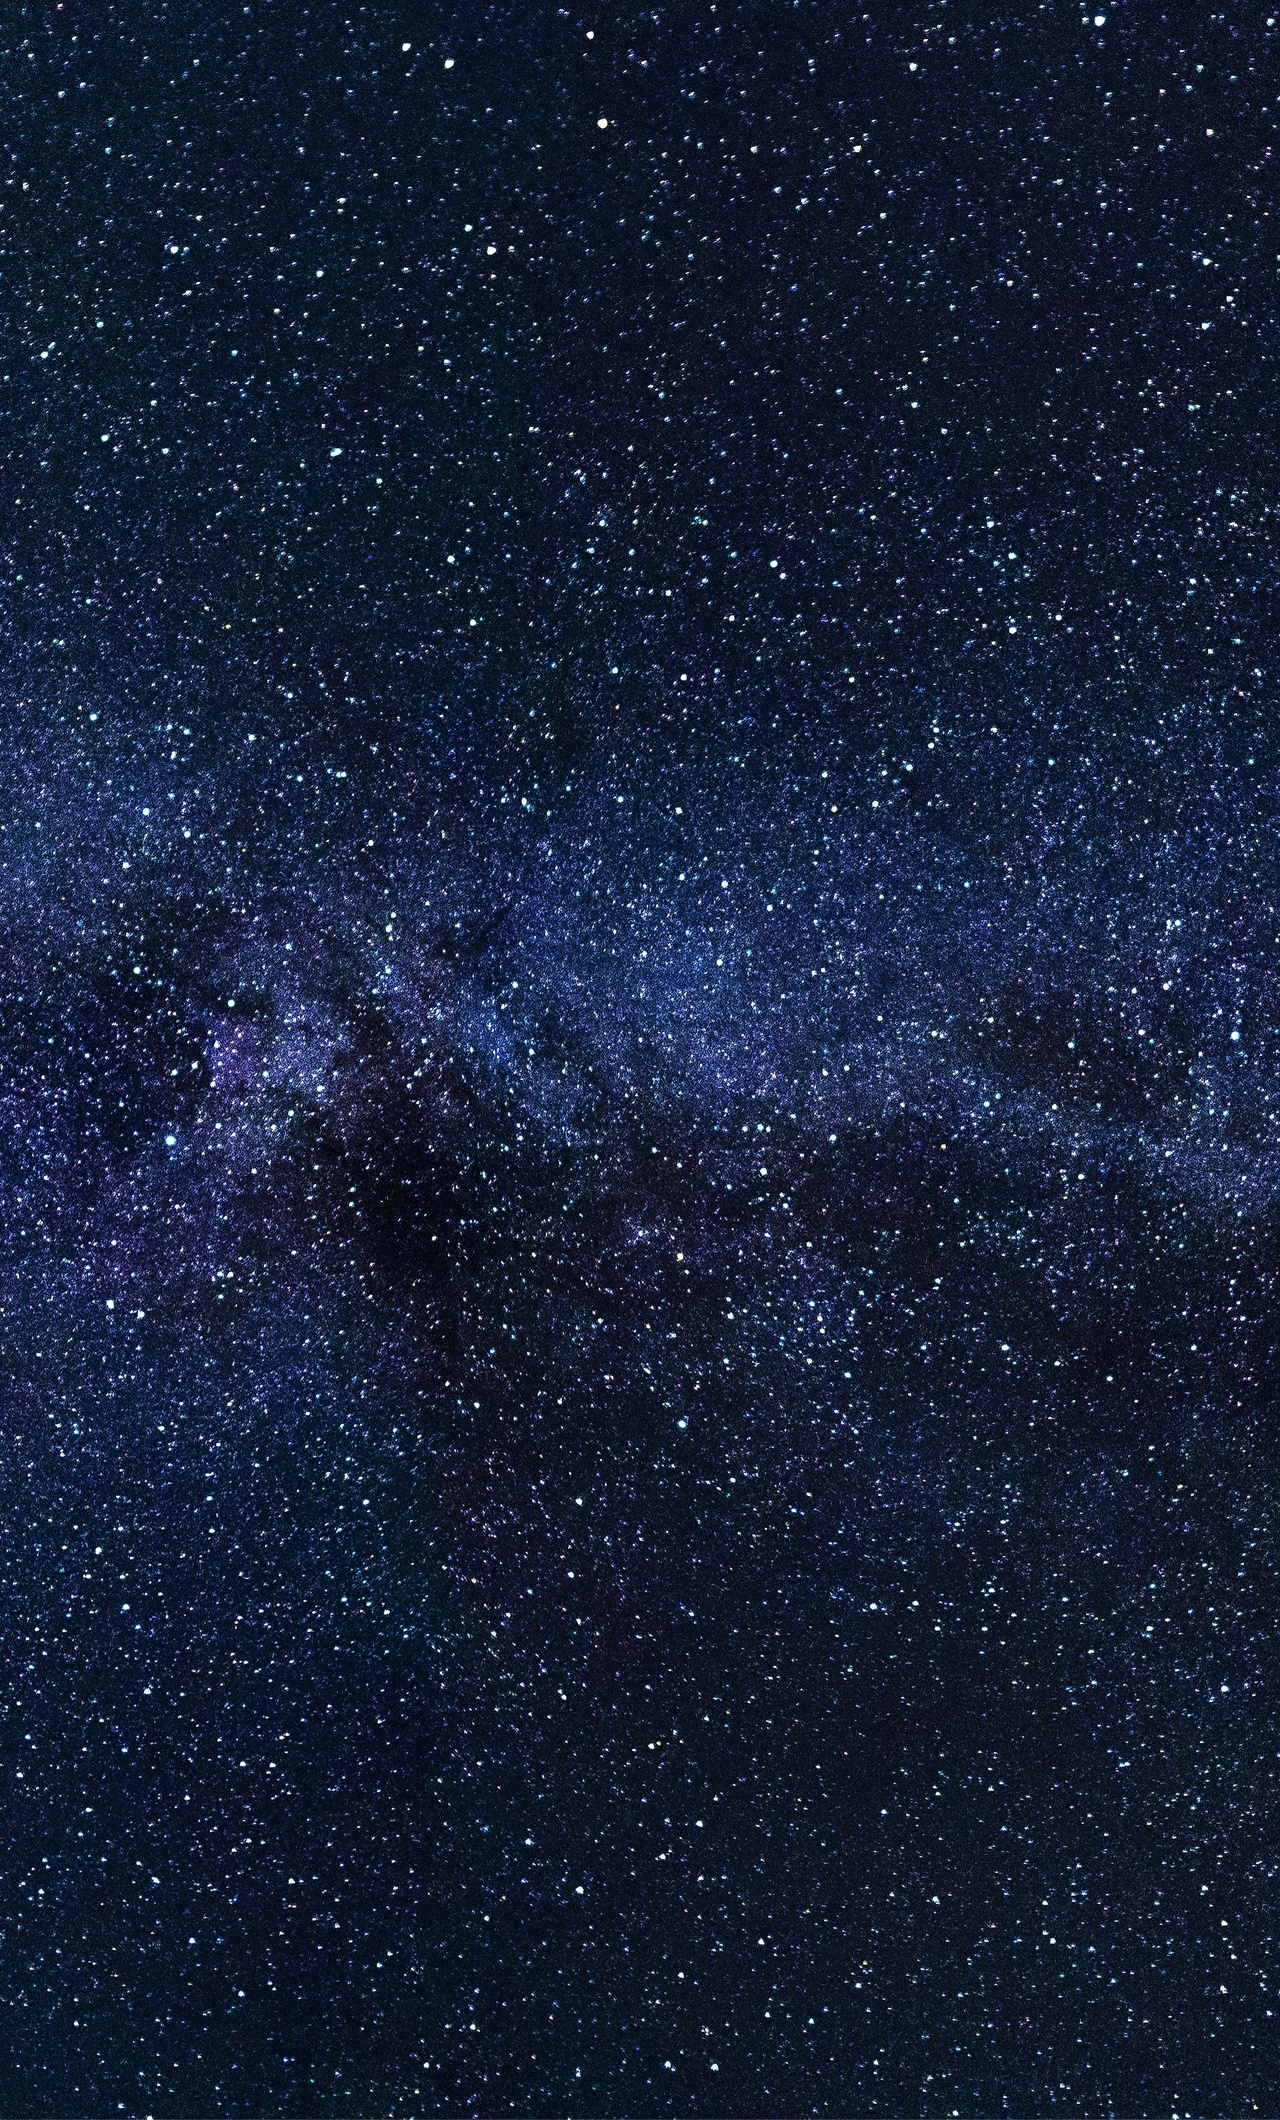 milky-way-starry-sky-night-5k-4p.jpg